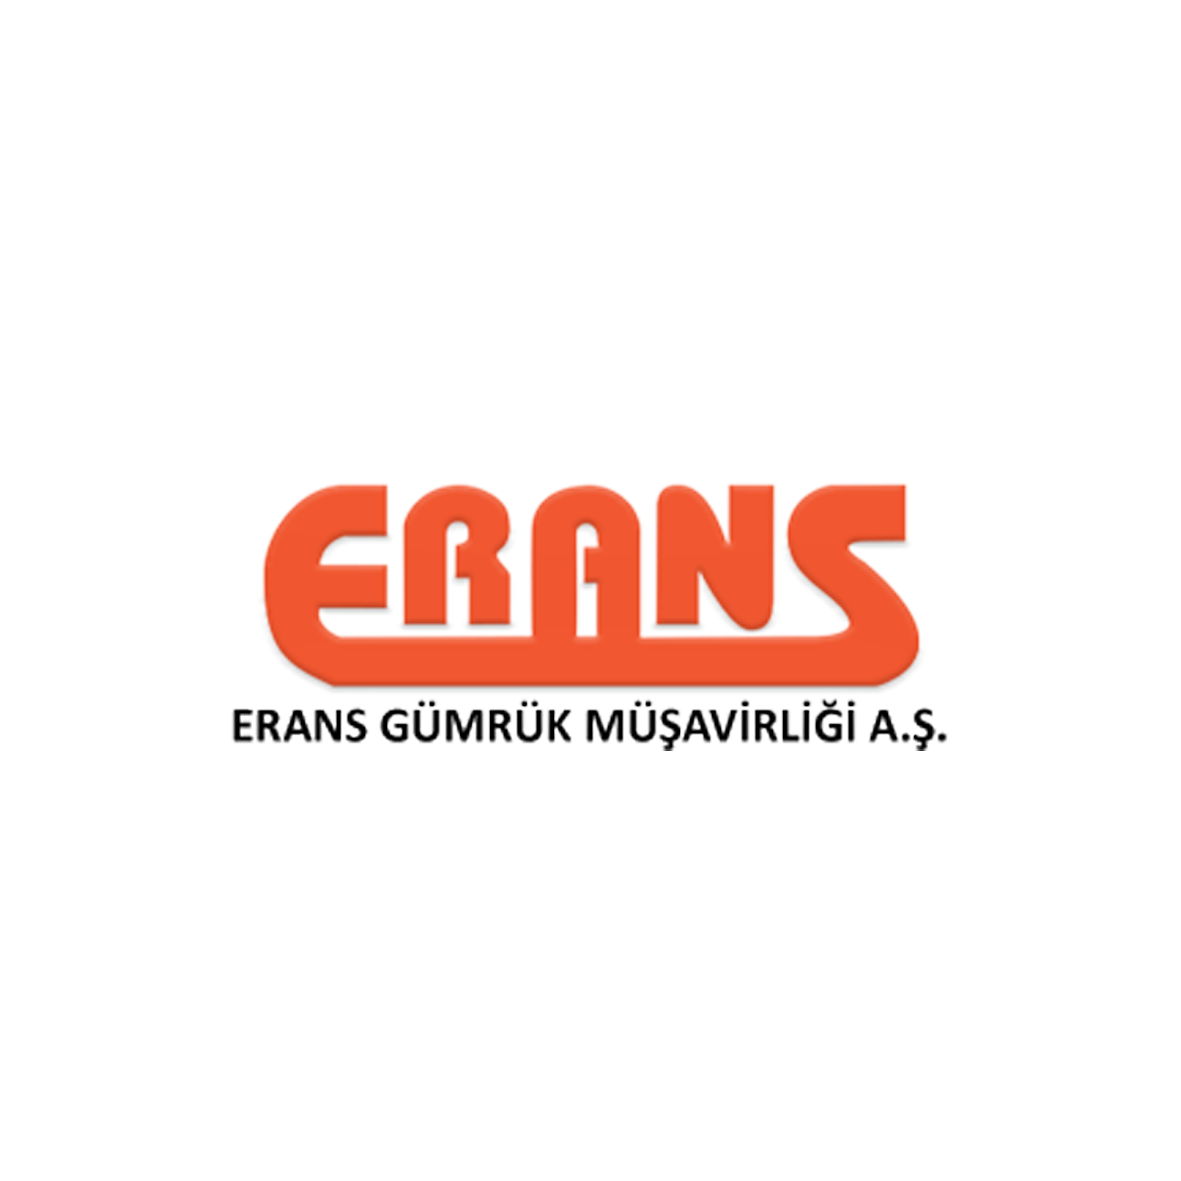 ERANS-CL4